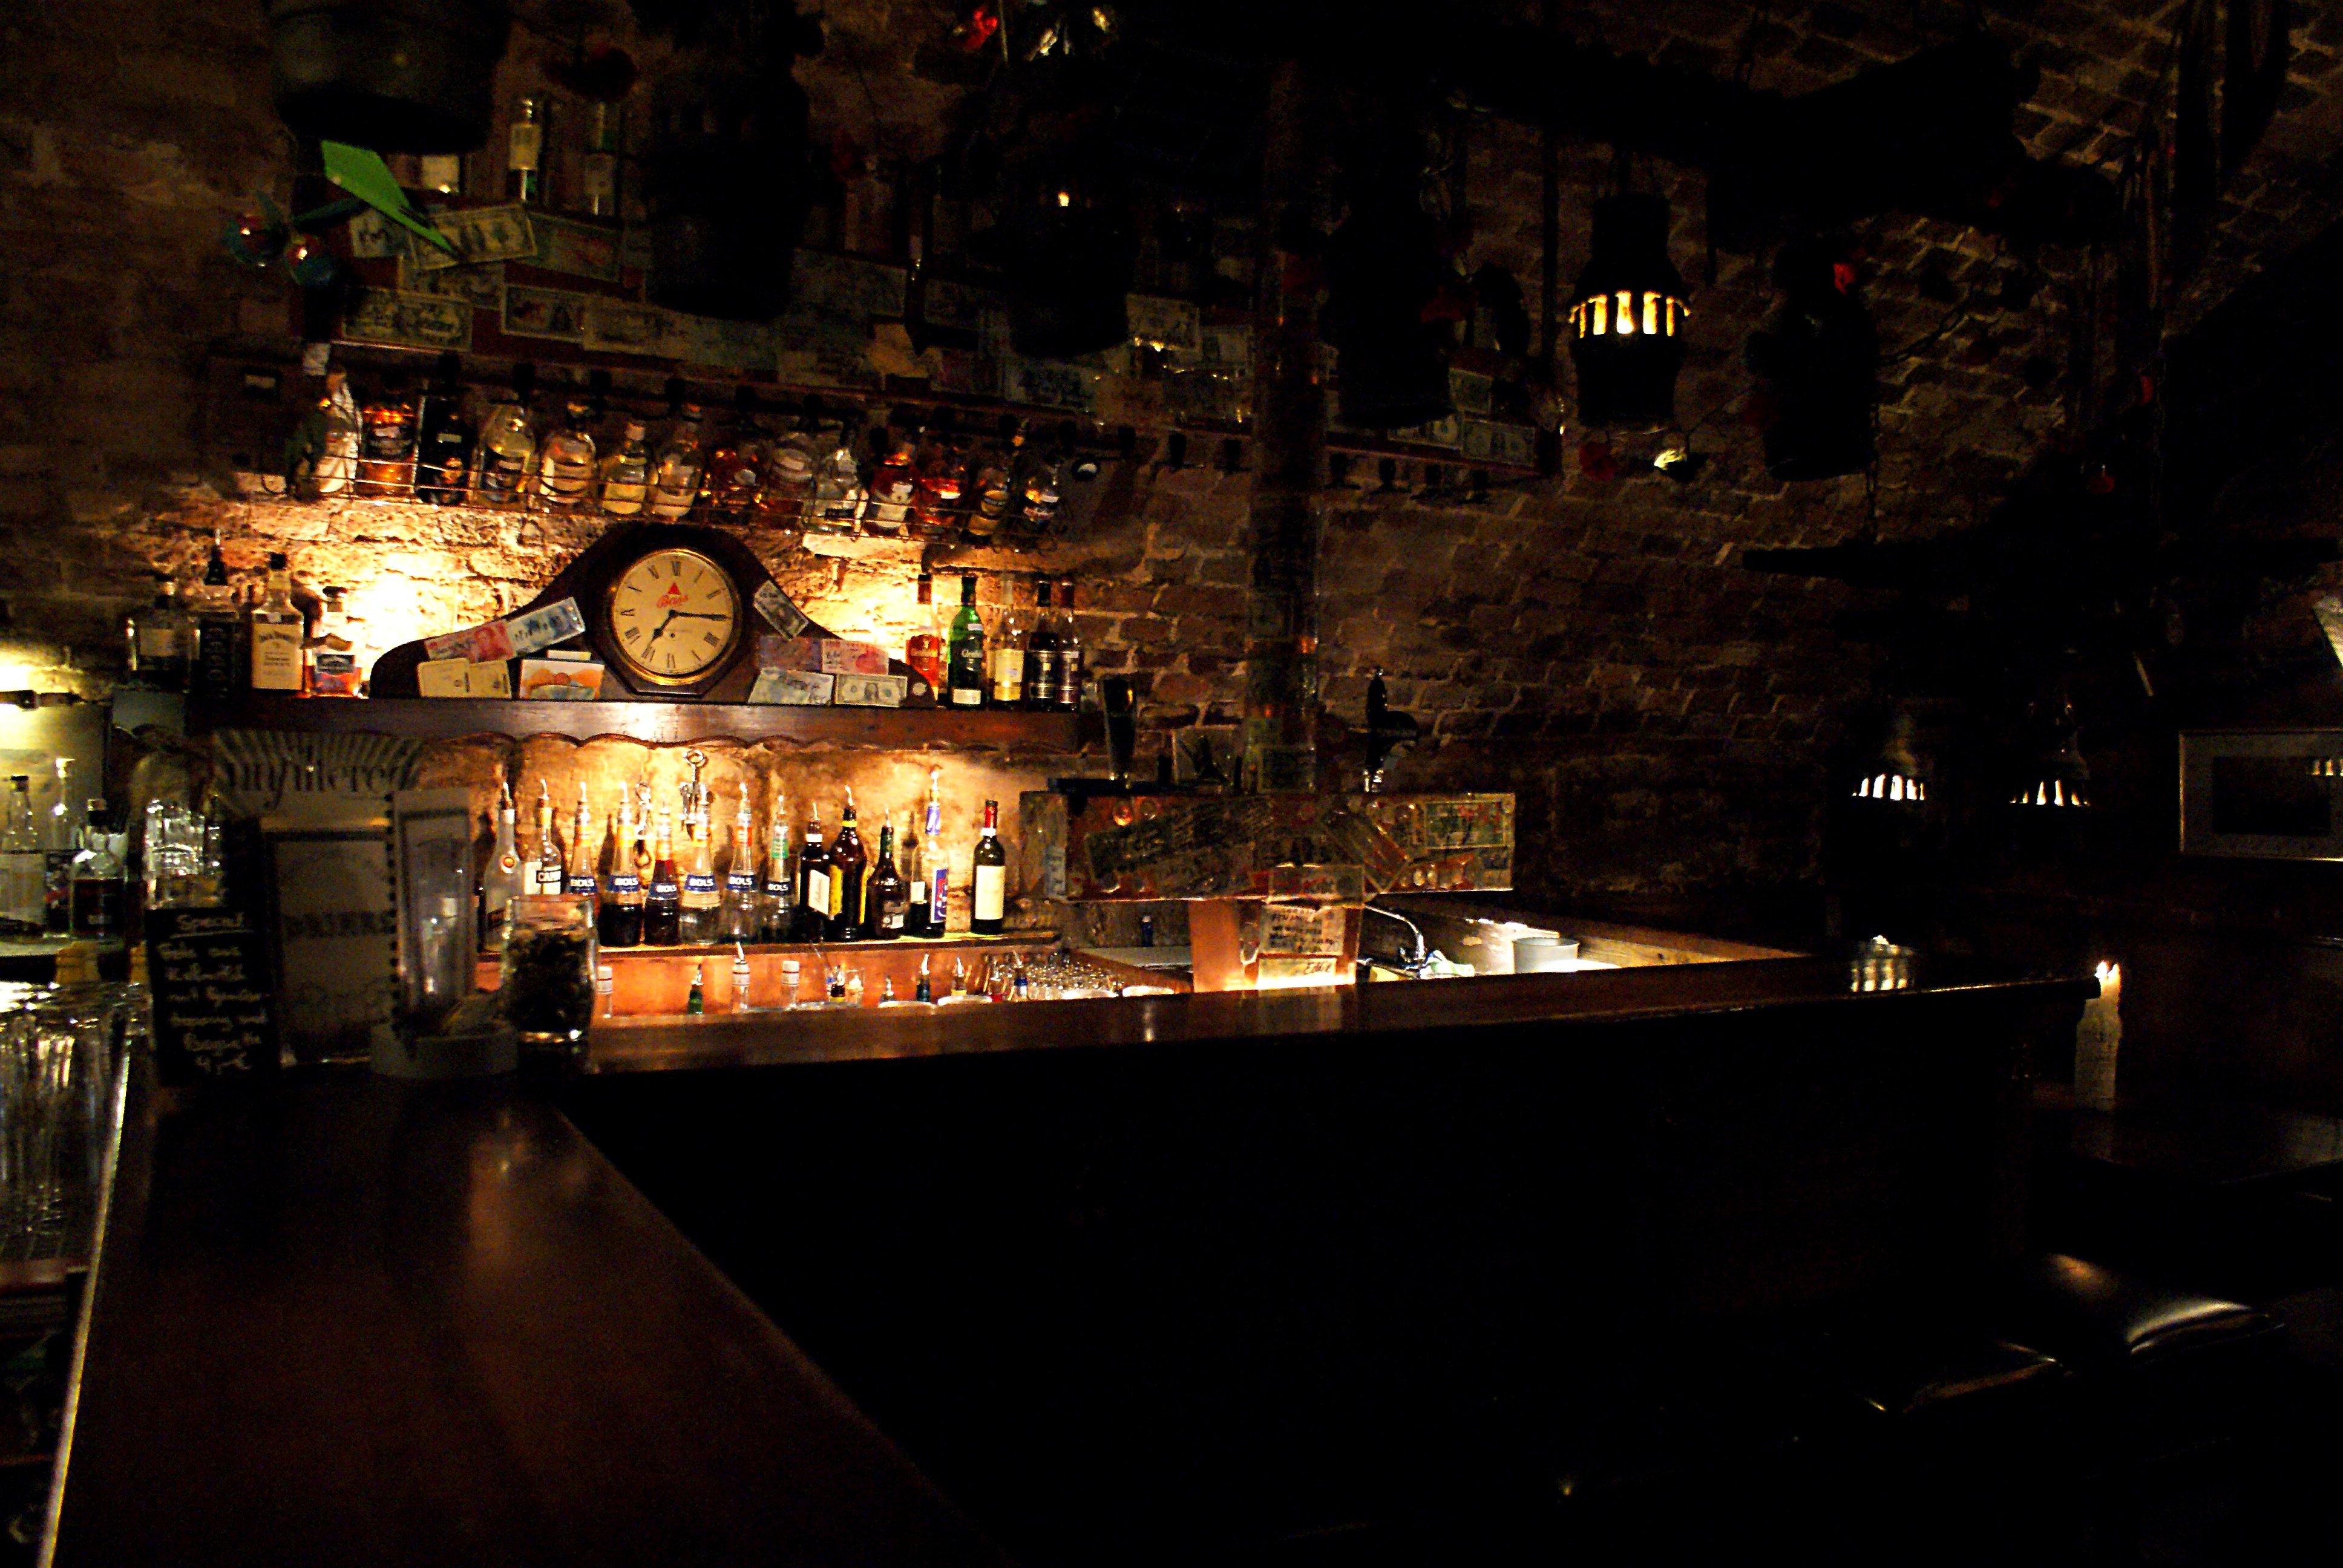 Charmant Bars Für Den Keller Galerie - Images for inspirierende ...